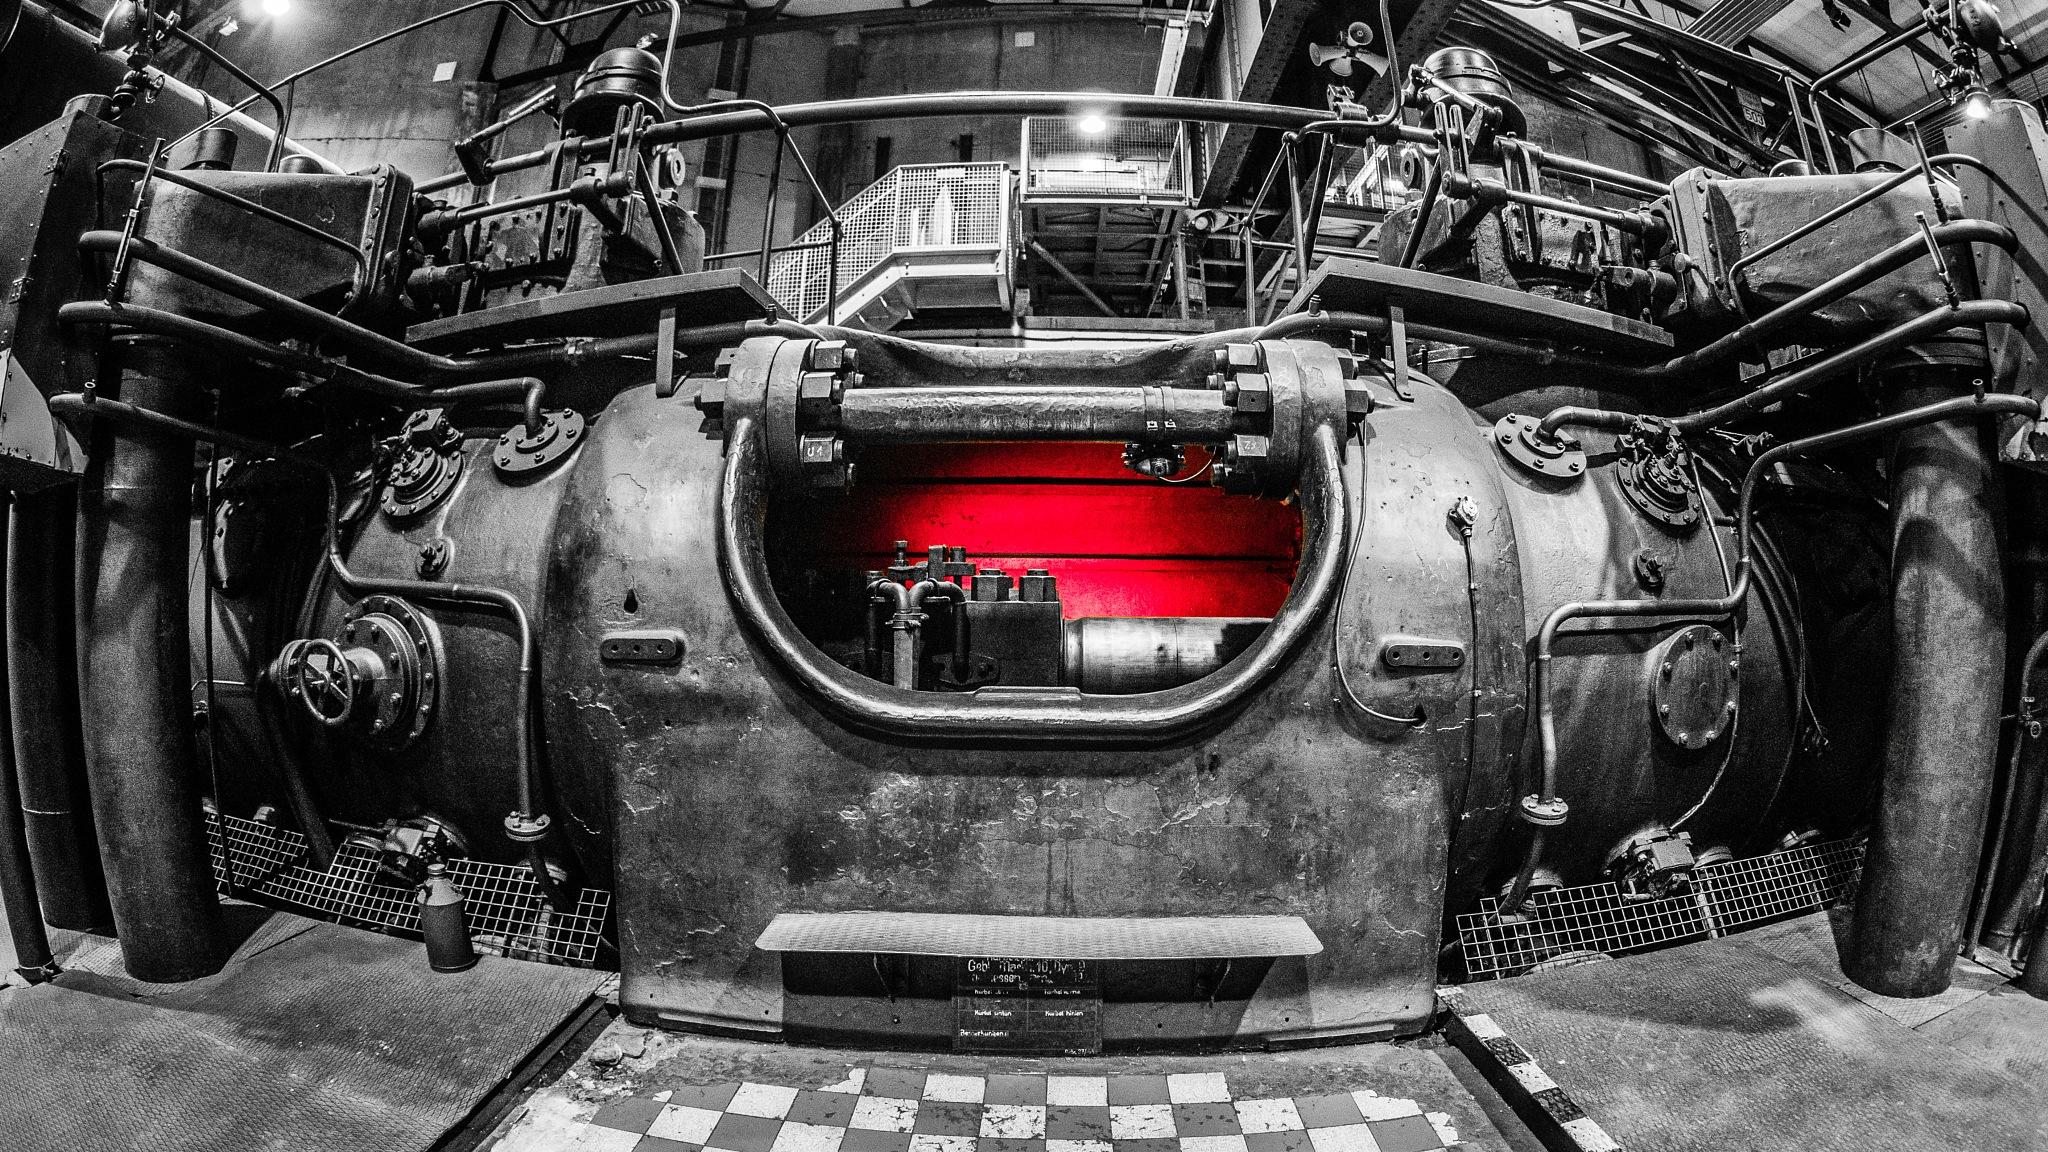 red light inside  by Werner Hofmann